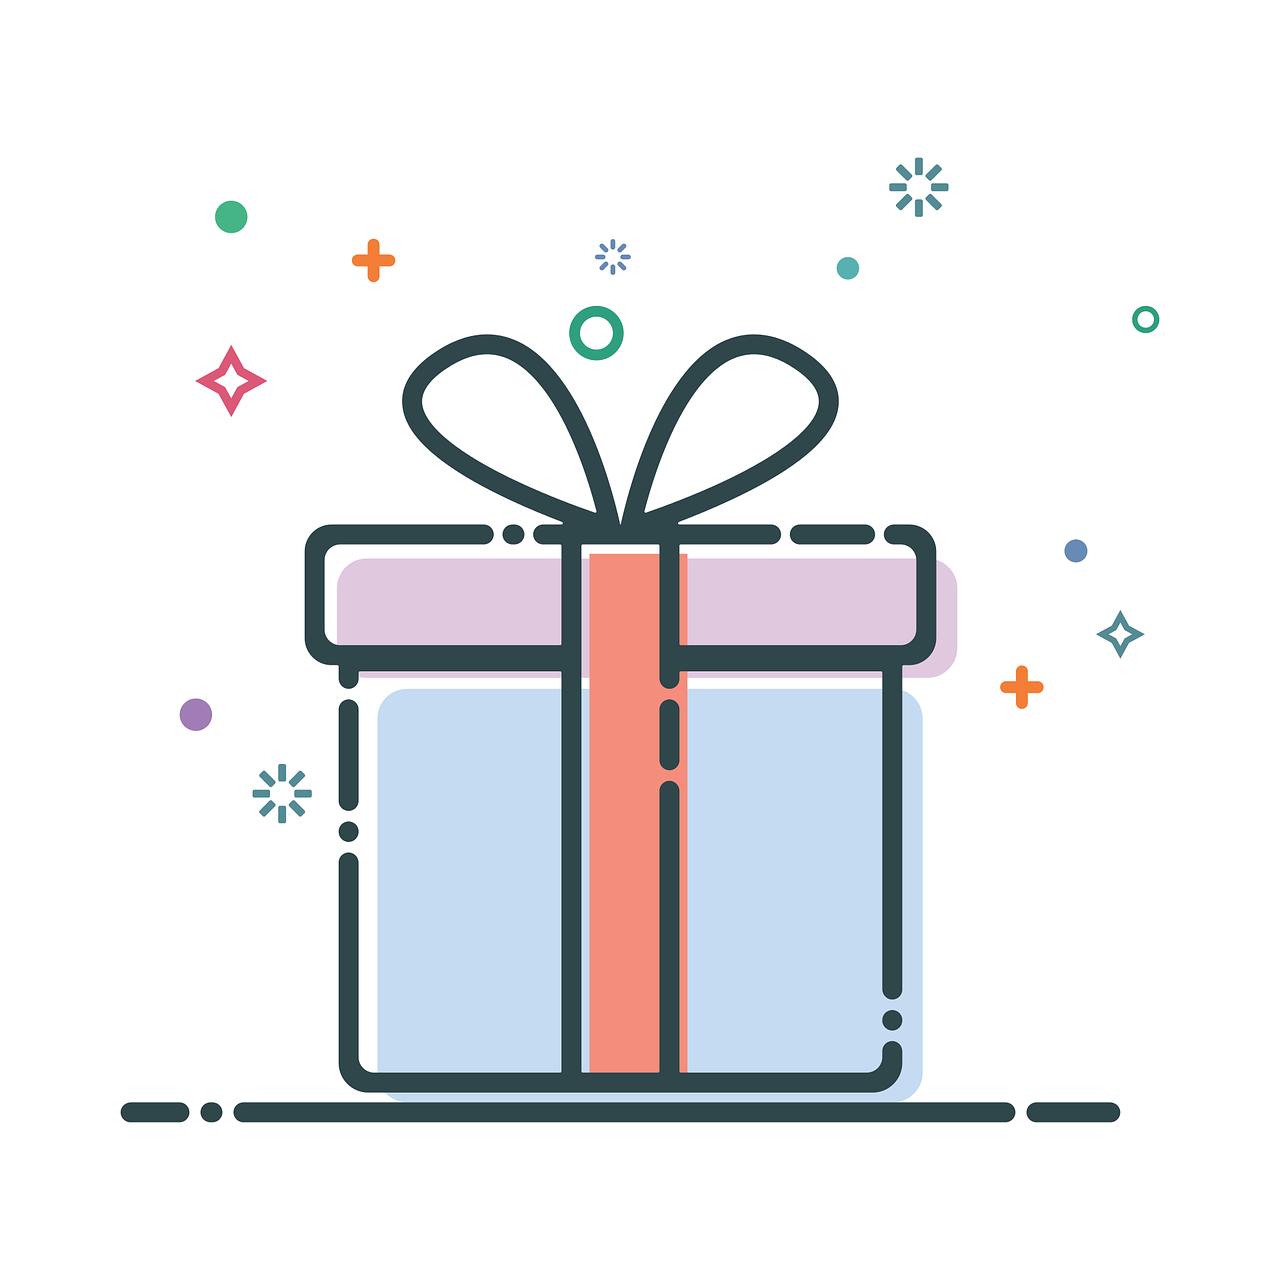 引っ越し祝いを予算4000円以内で買うときにおすすめのギフト3選!